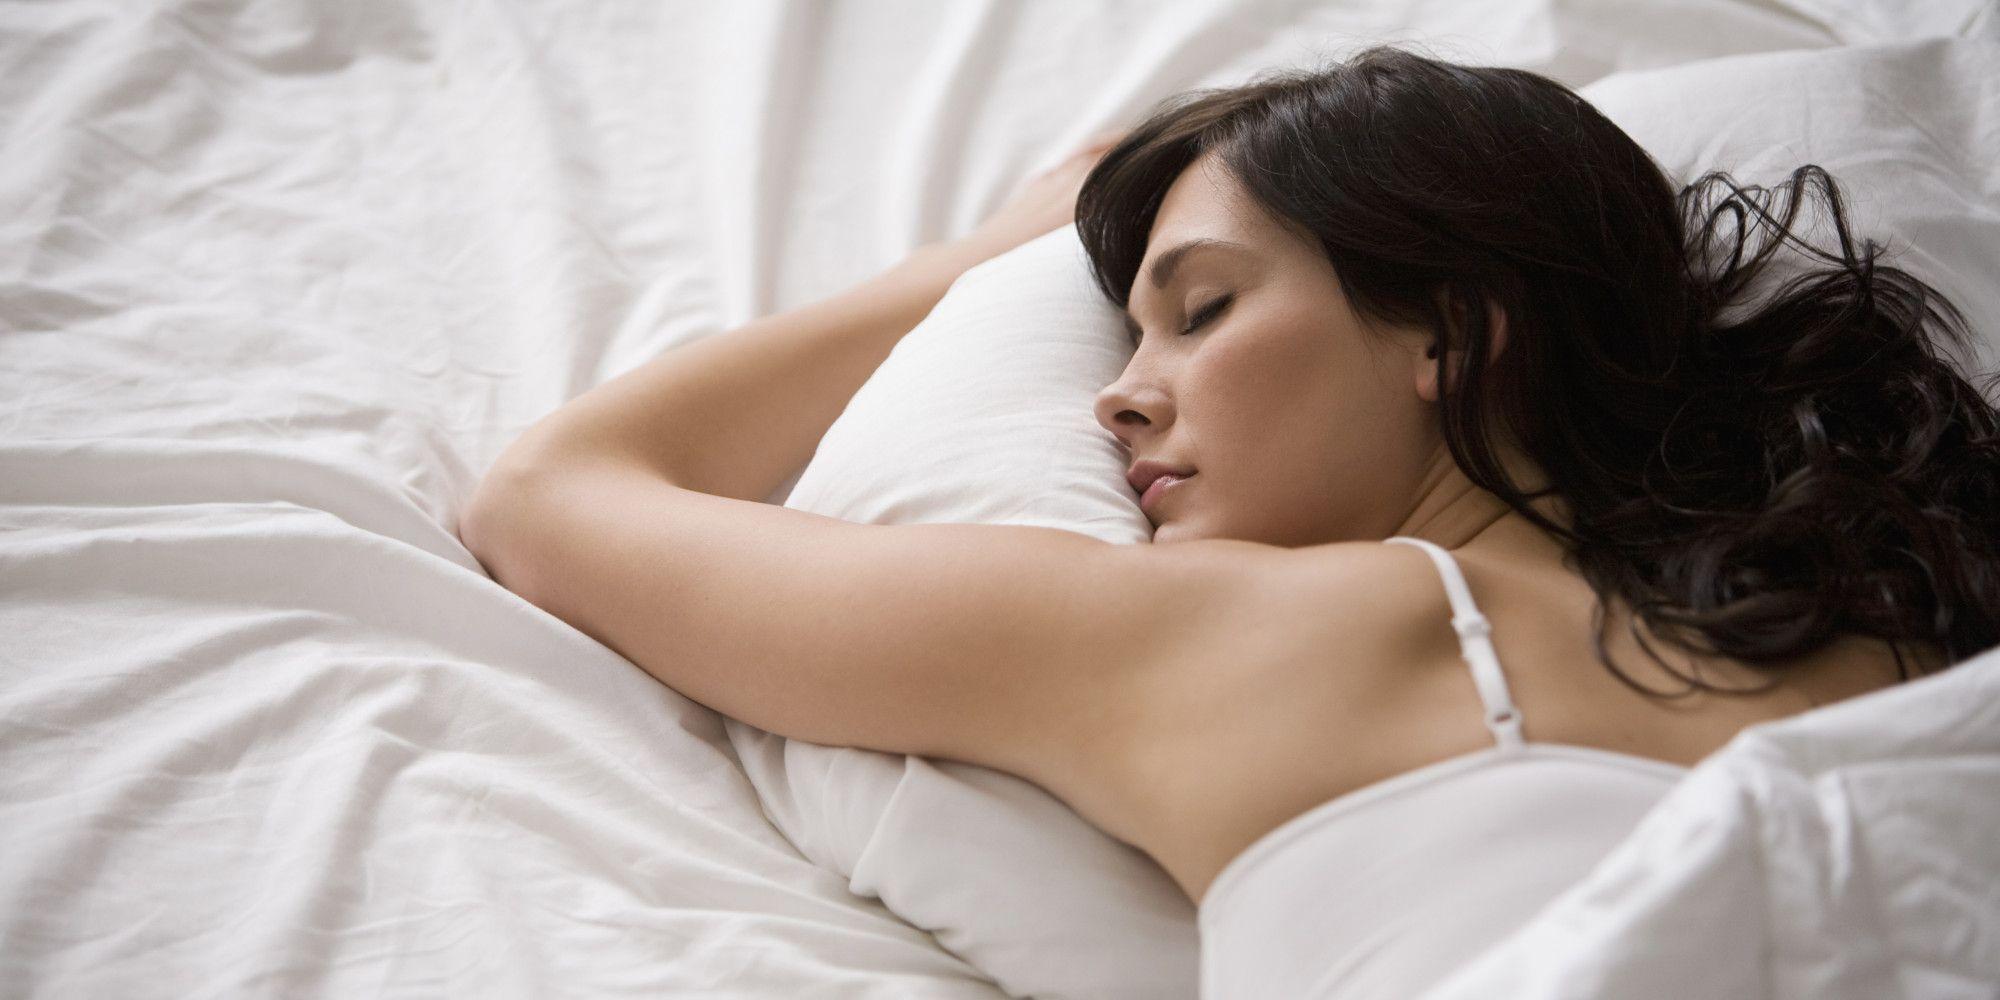 Đi ngủ và thức dậy theo mốc thời gian cố định, kể cả ở thời điểm cuối tuần.